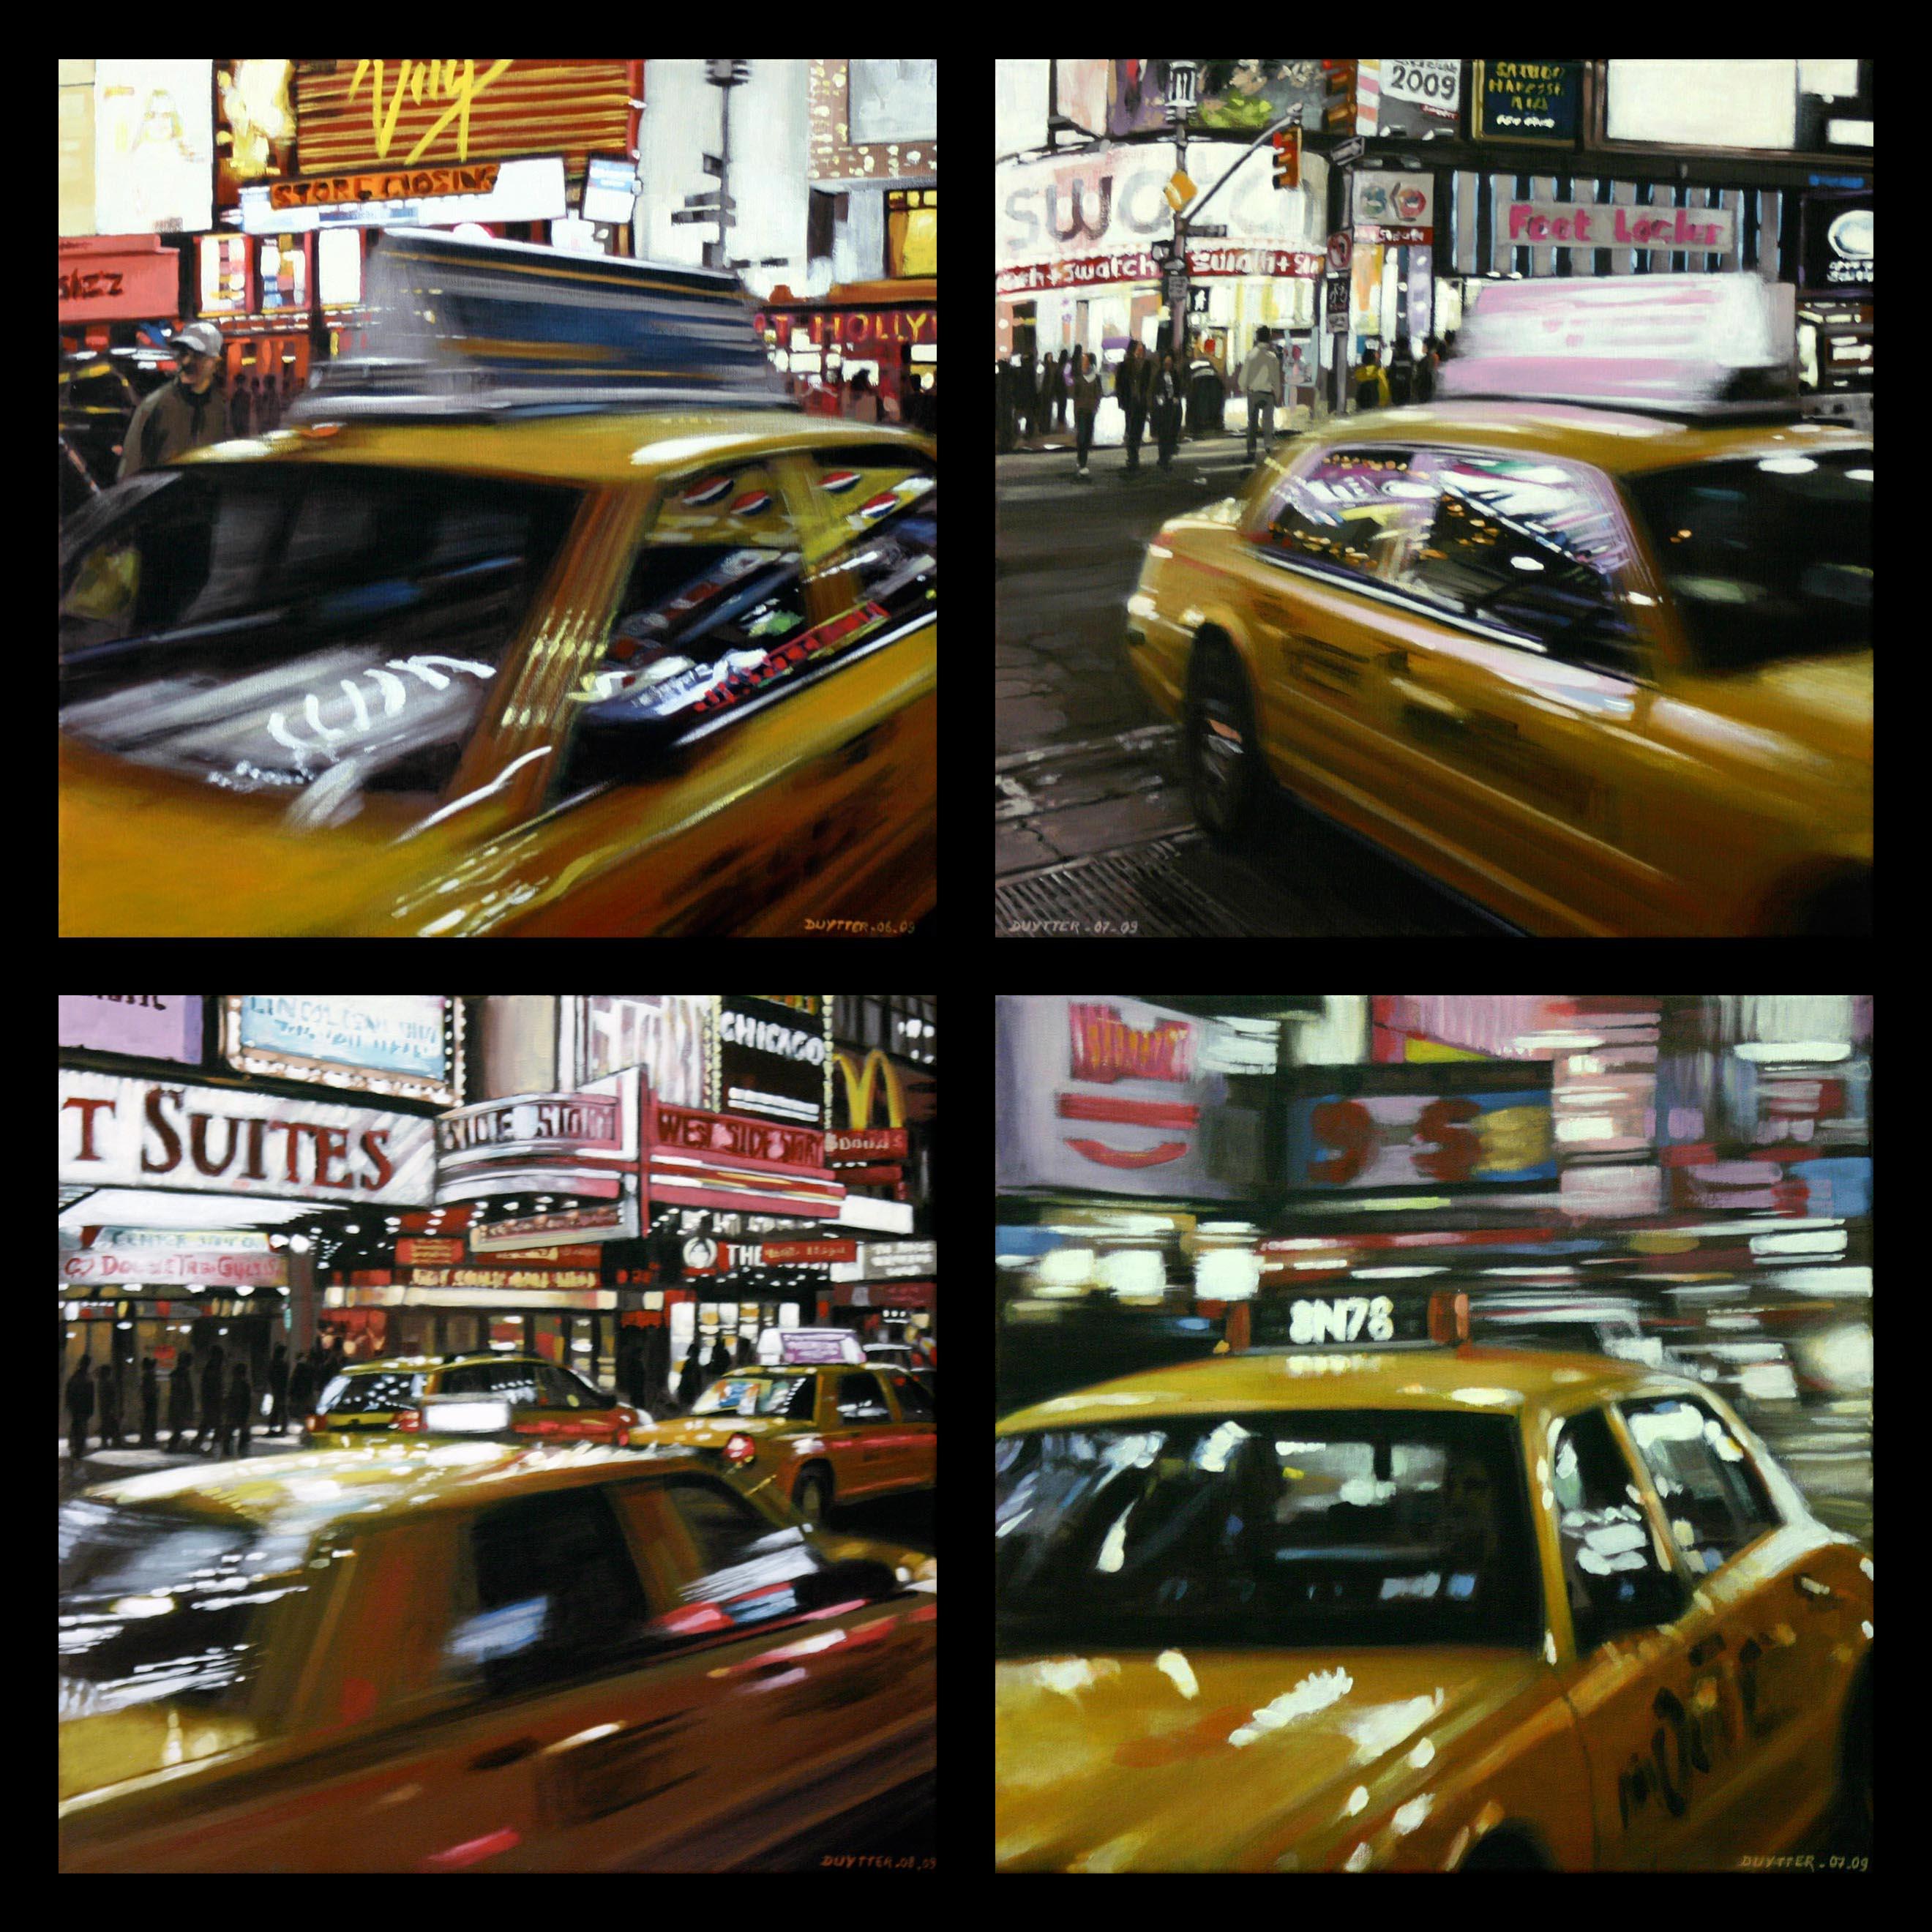 Speeding Yellow Cab - Vendu